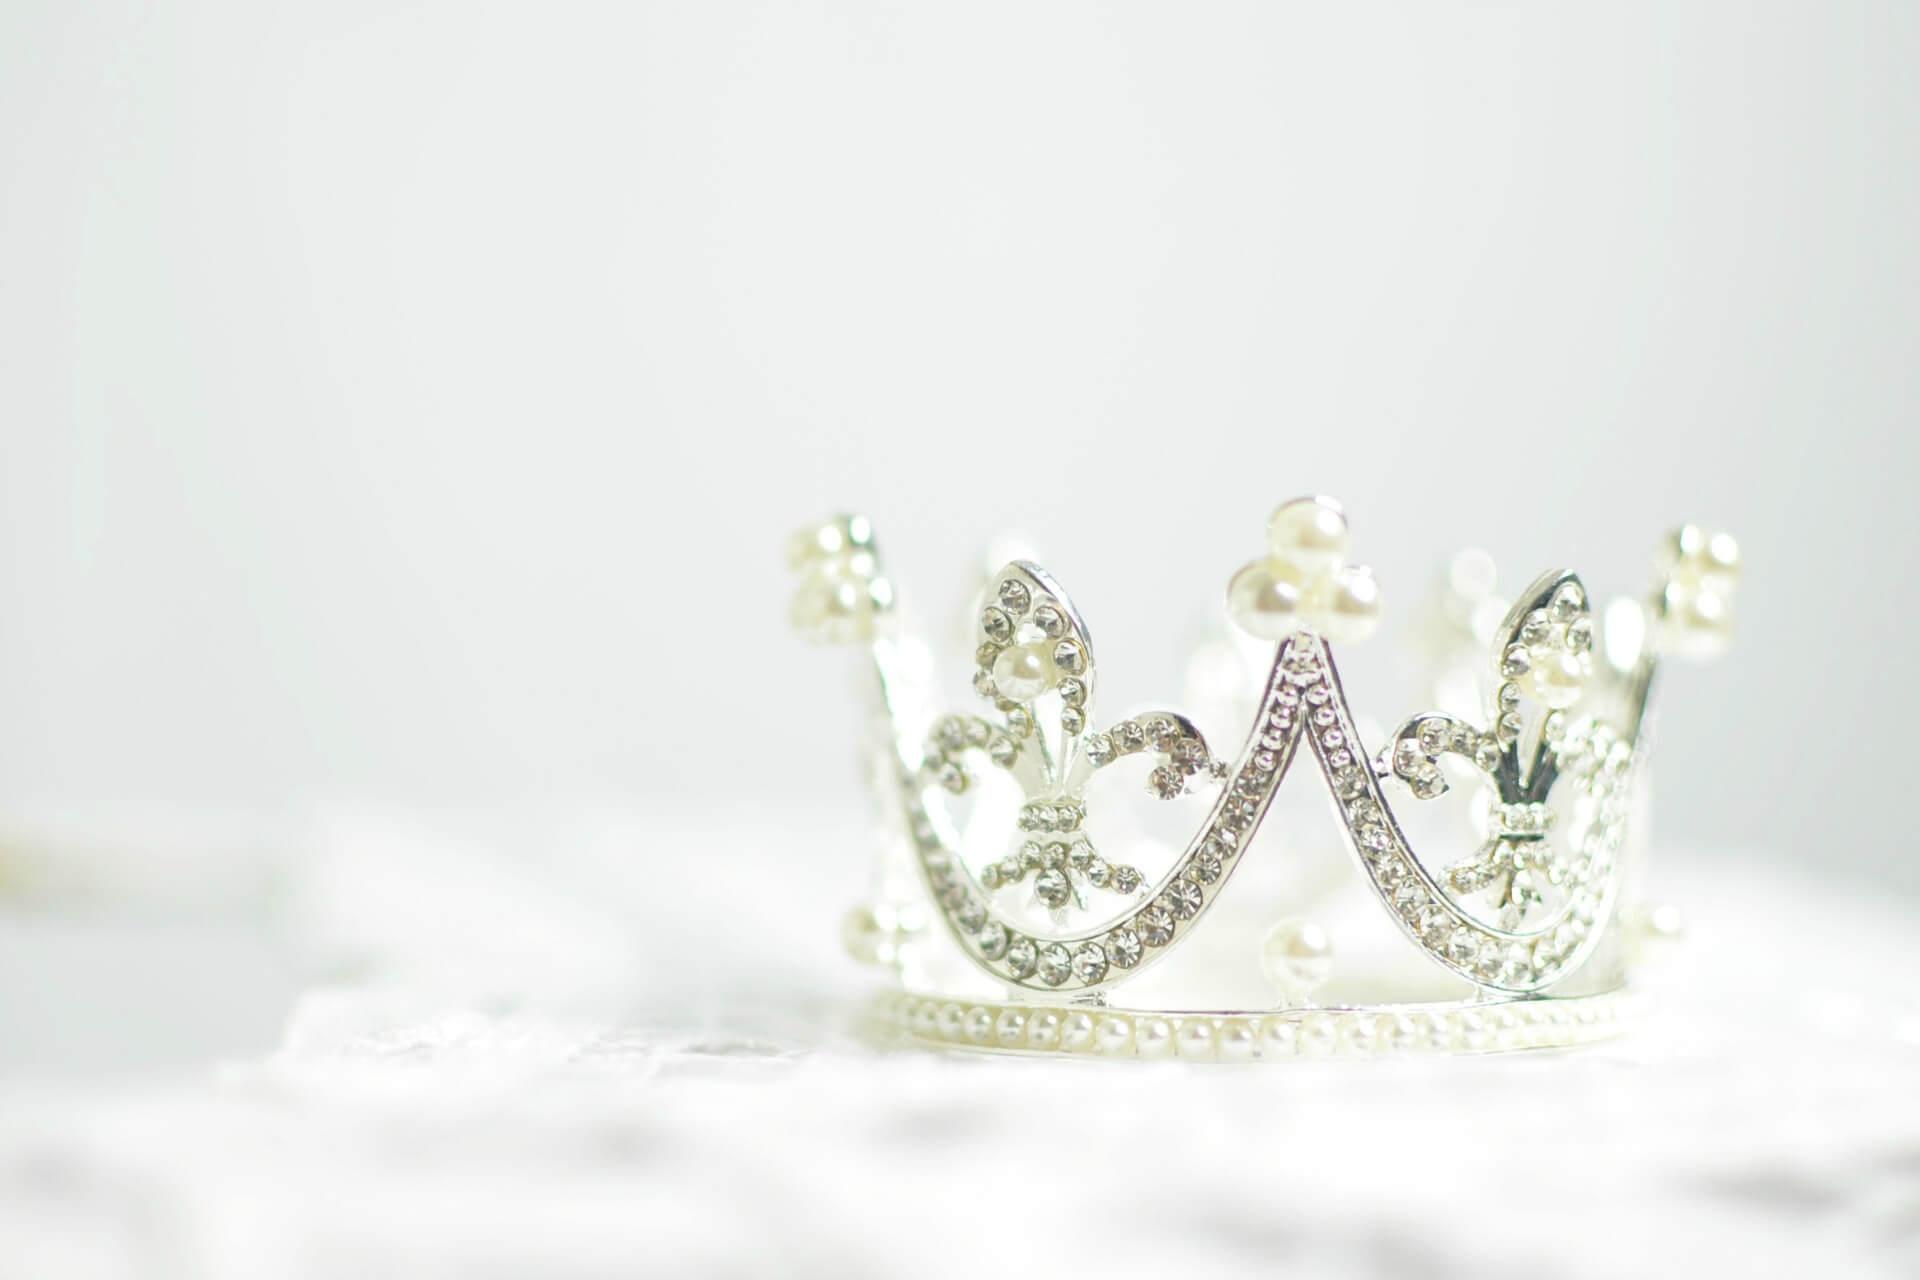 Princess Party Tiara